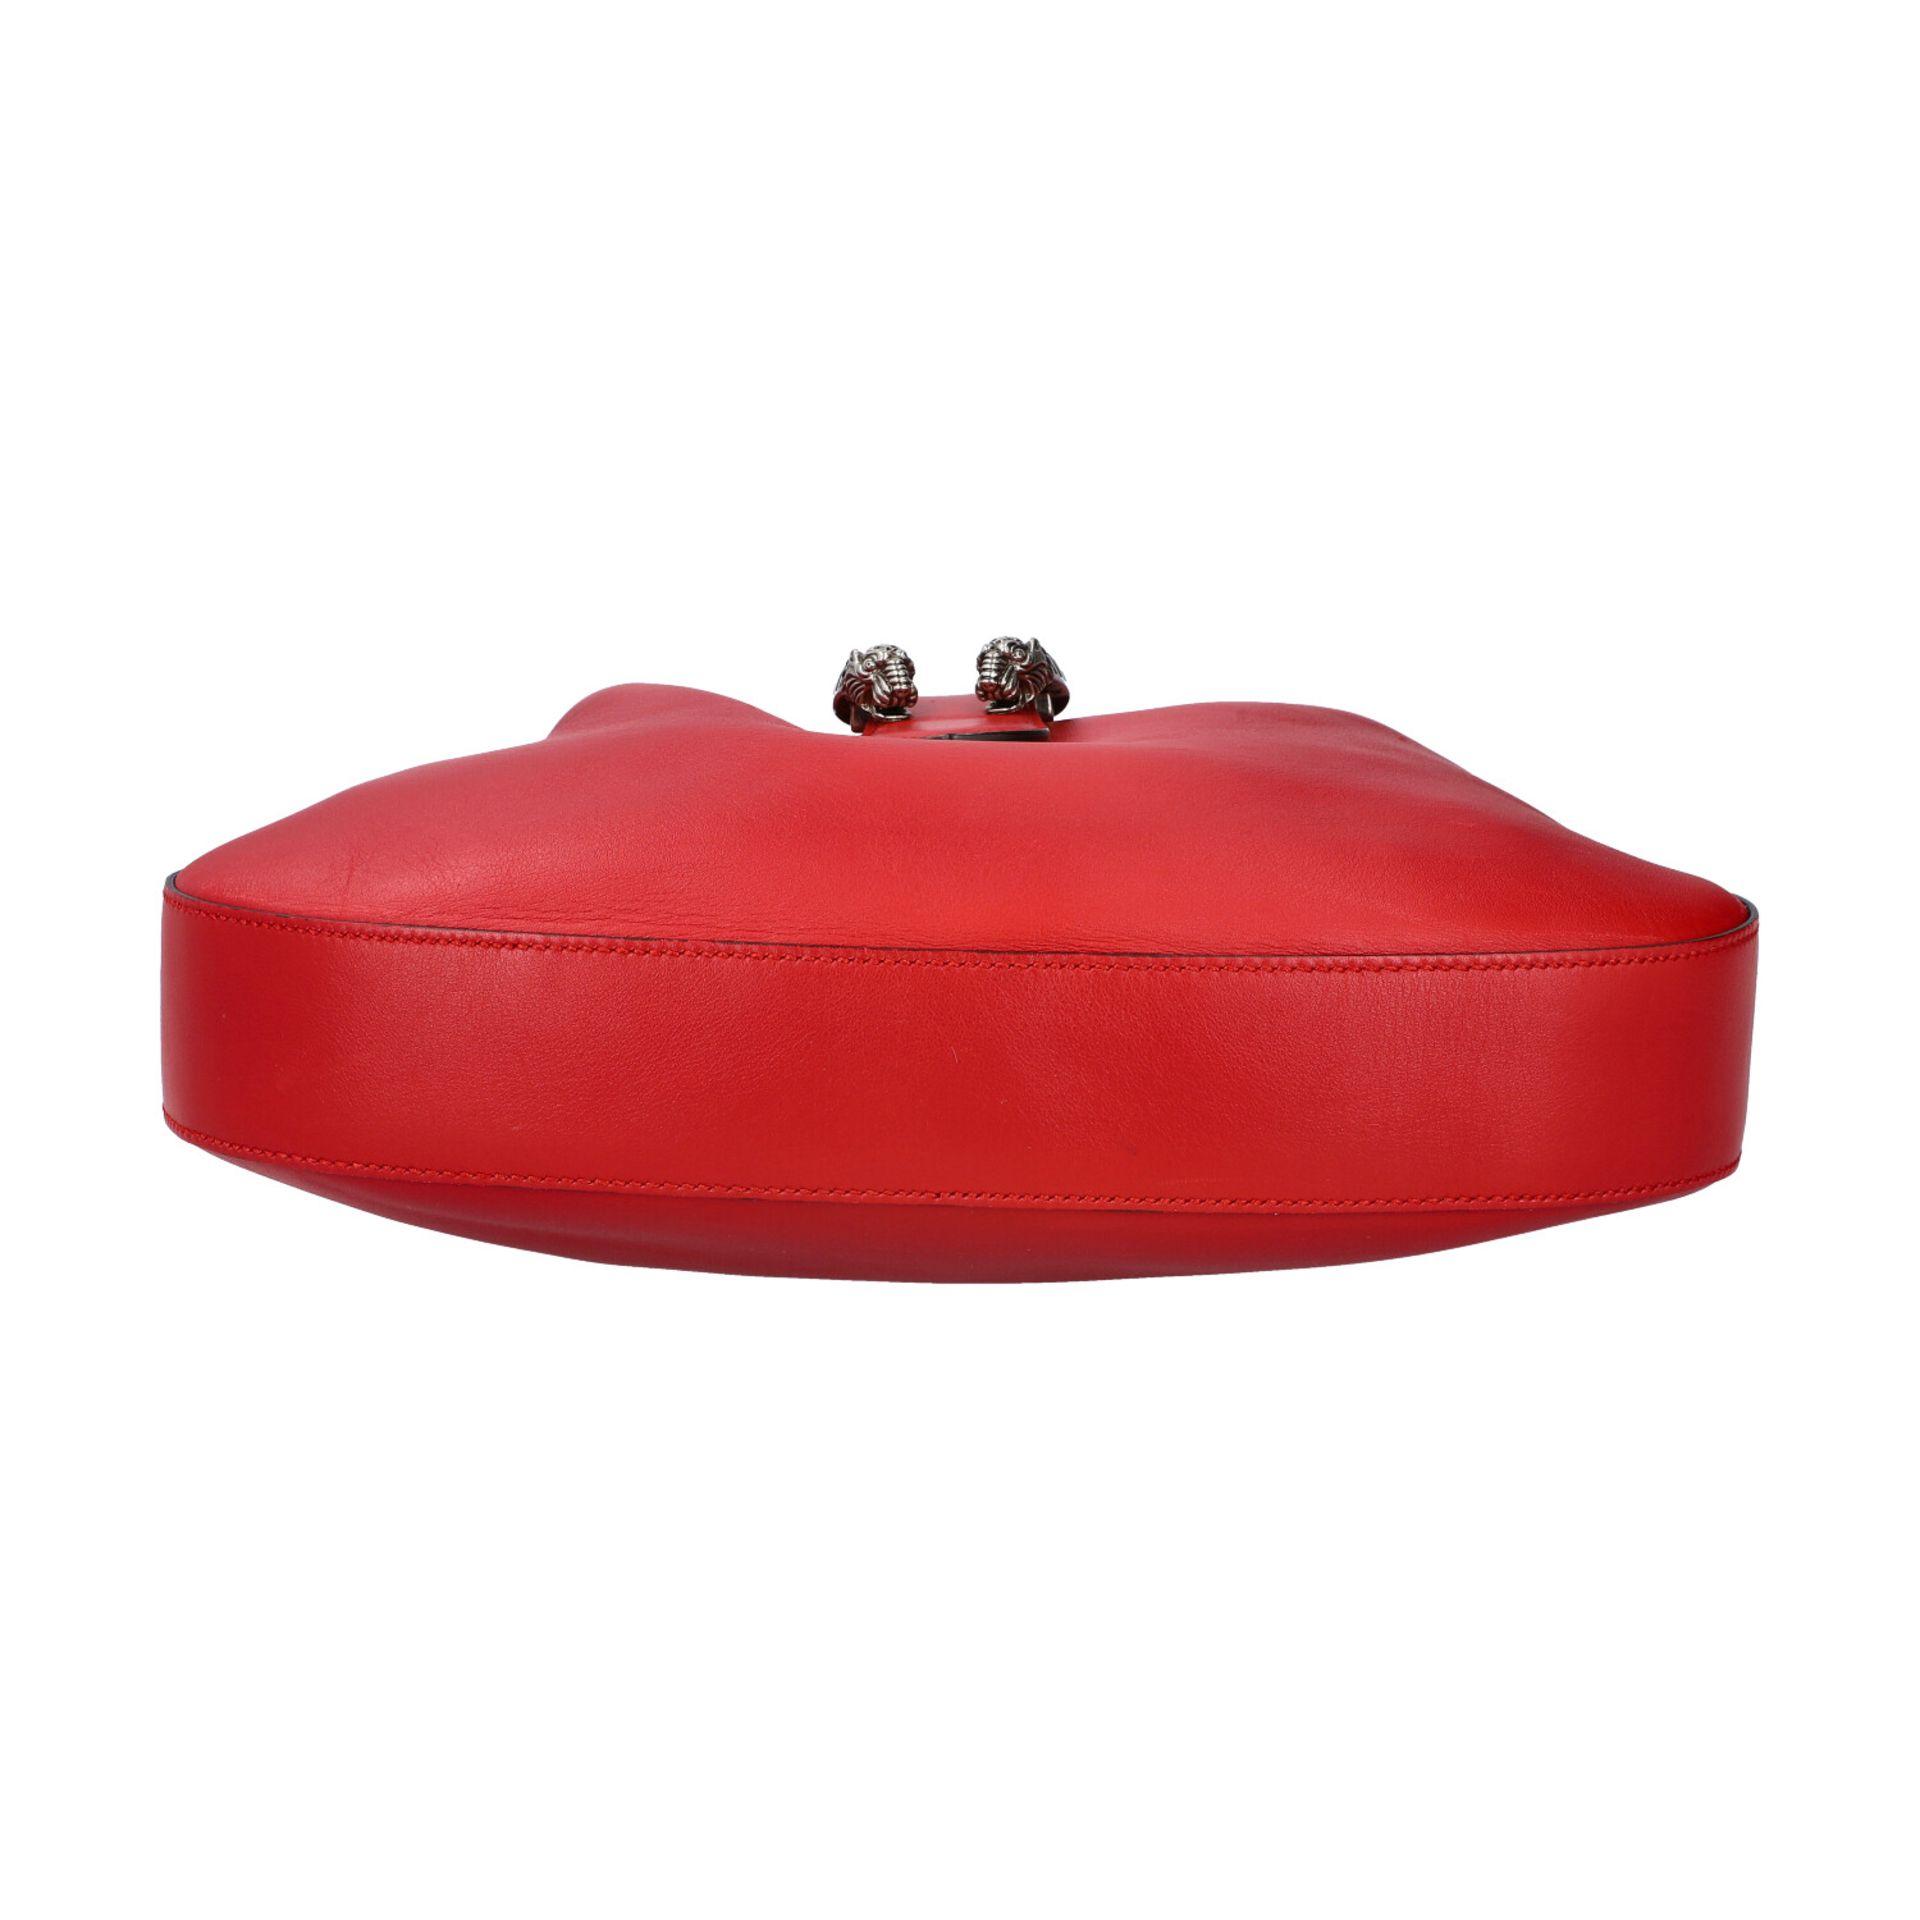 """GUCCI Hobobag """"DIONYSUS NERO"""".Feines Glattleder in Rot mit silberfarbener Hardware, Lasche mit - Bild 5 aus 8"""